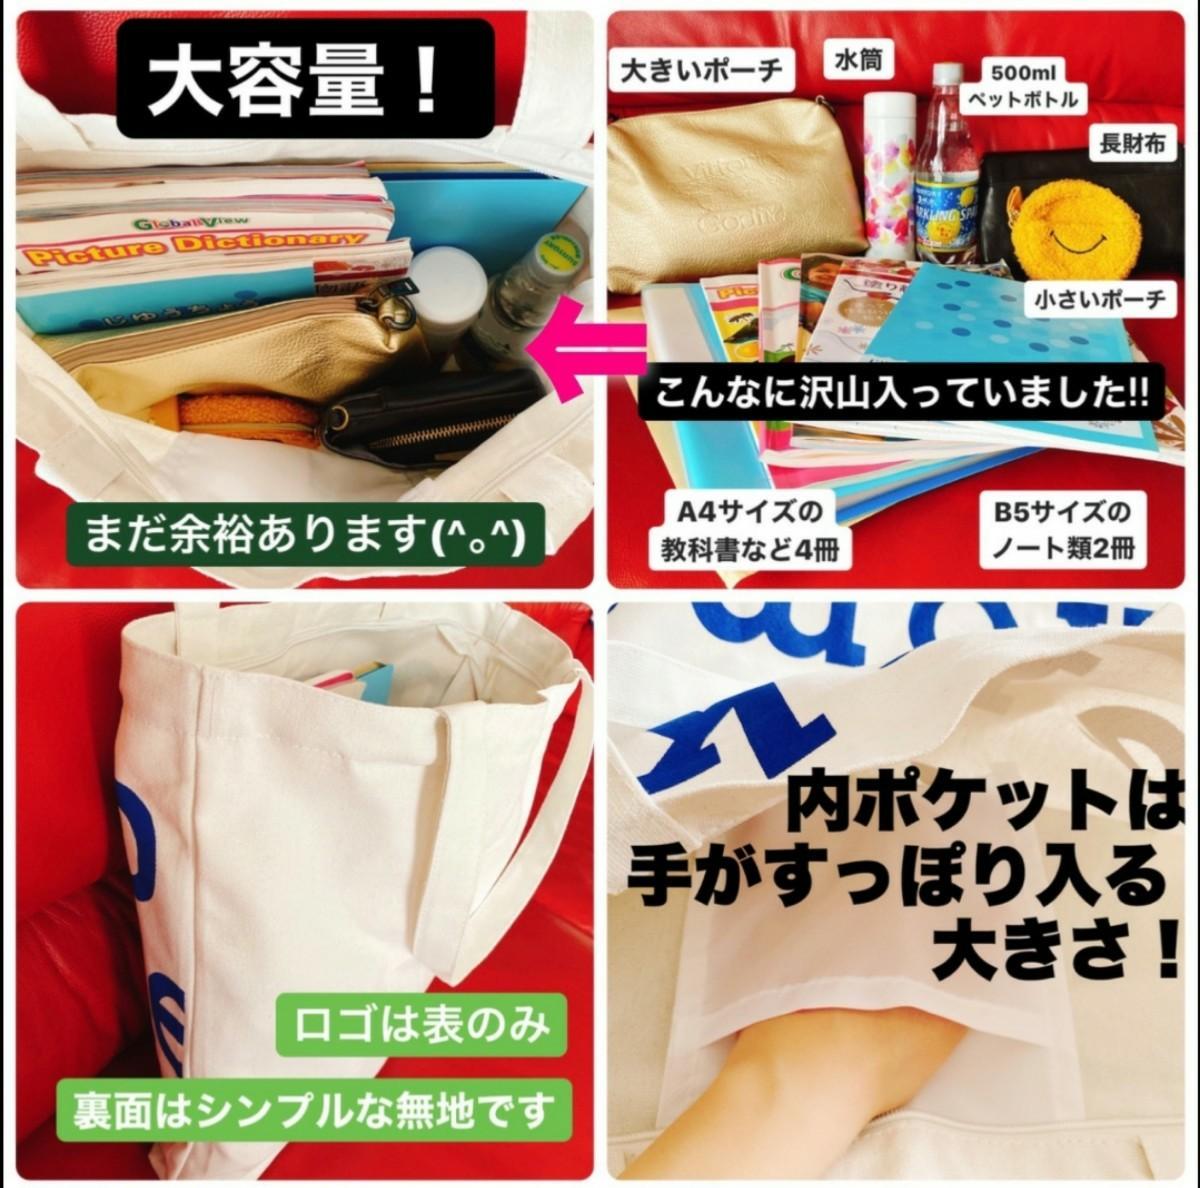 【週末SALE】トートバッグ 青 ロゴ ブルー  大容量 エコバッグ 新品未使用